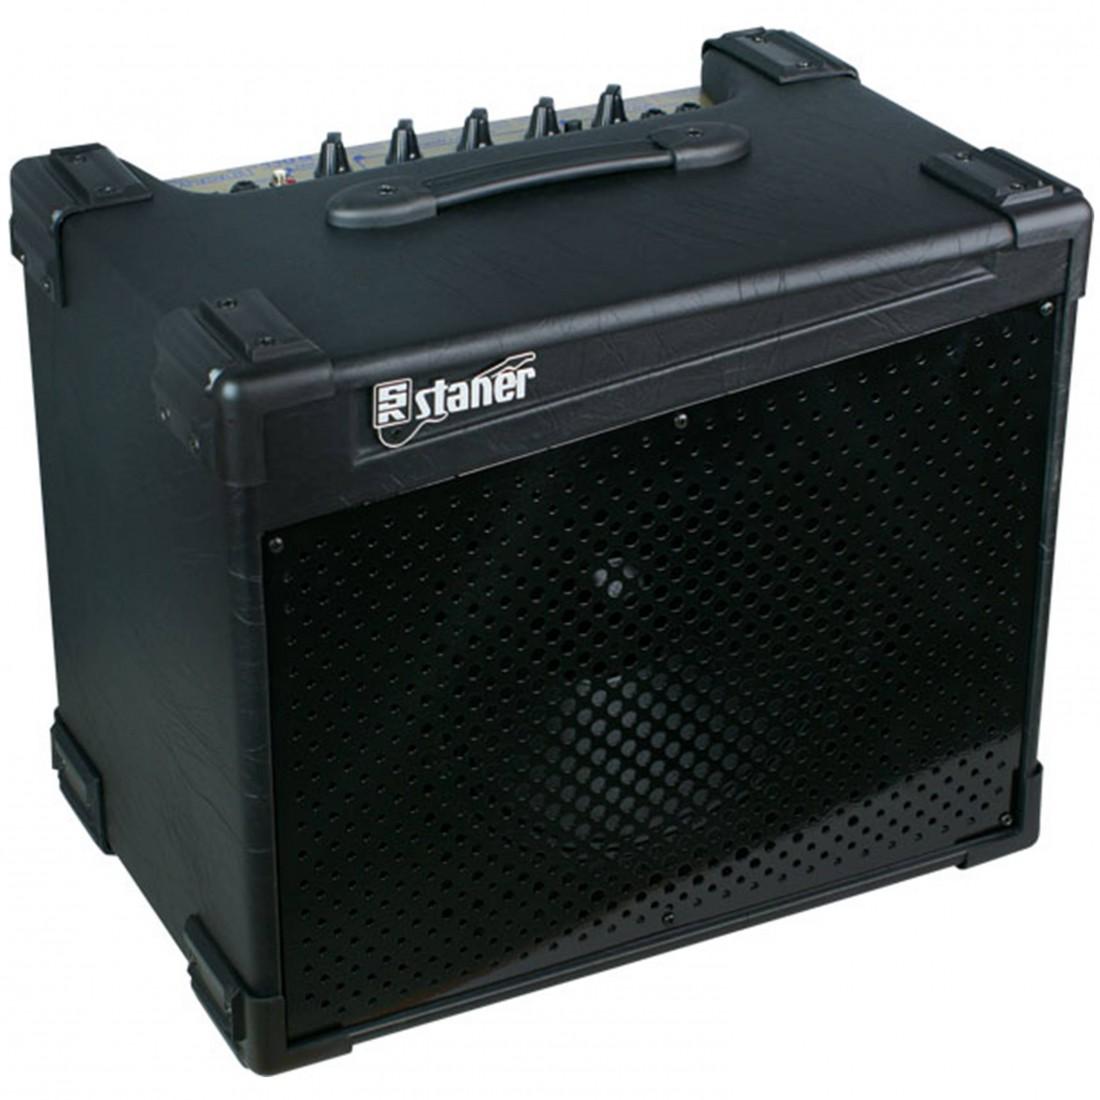 Imagem do produto Caixa Amplificada Baixo Staner 10 polegadas 90 watts SHOUT 110-B